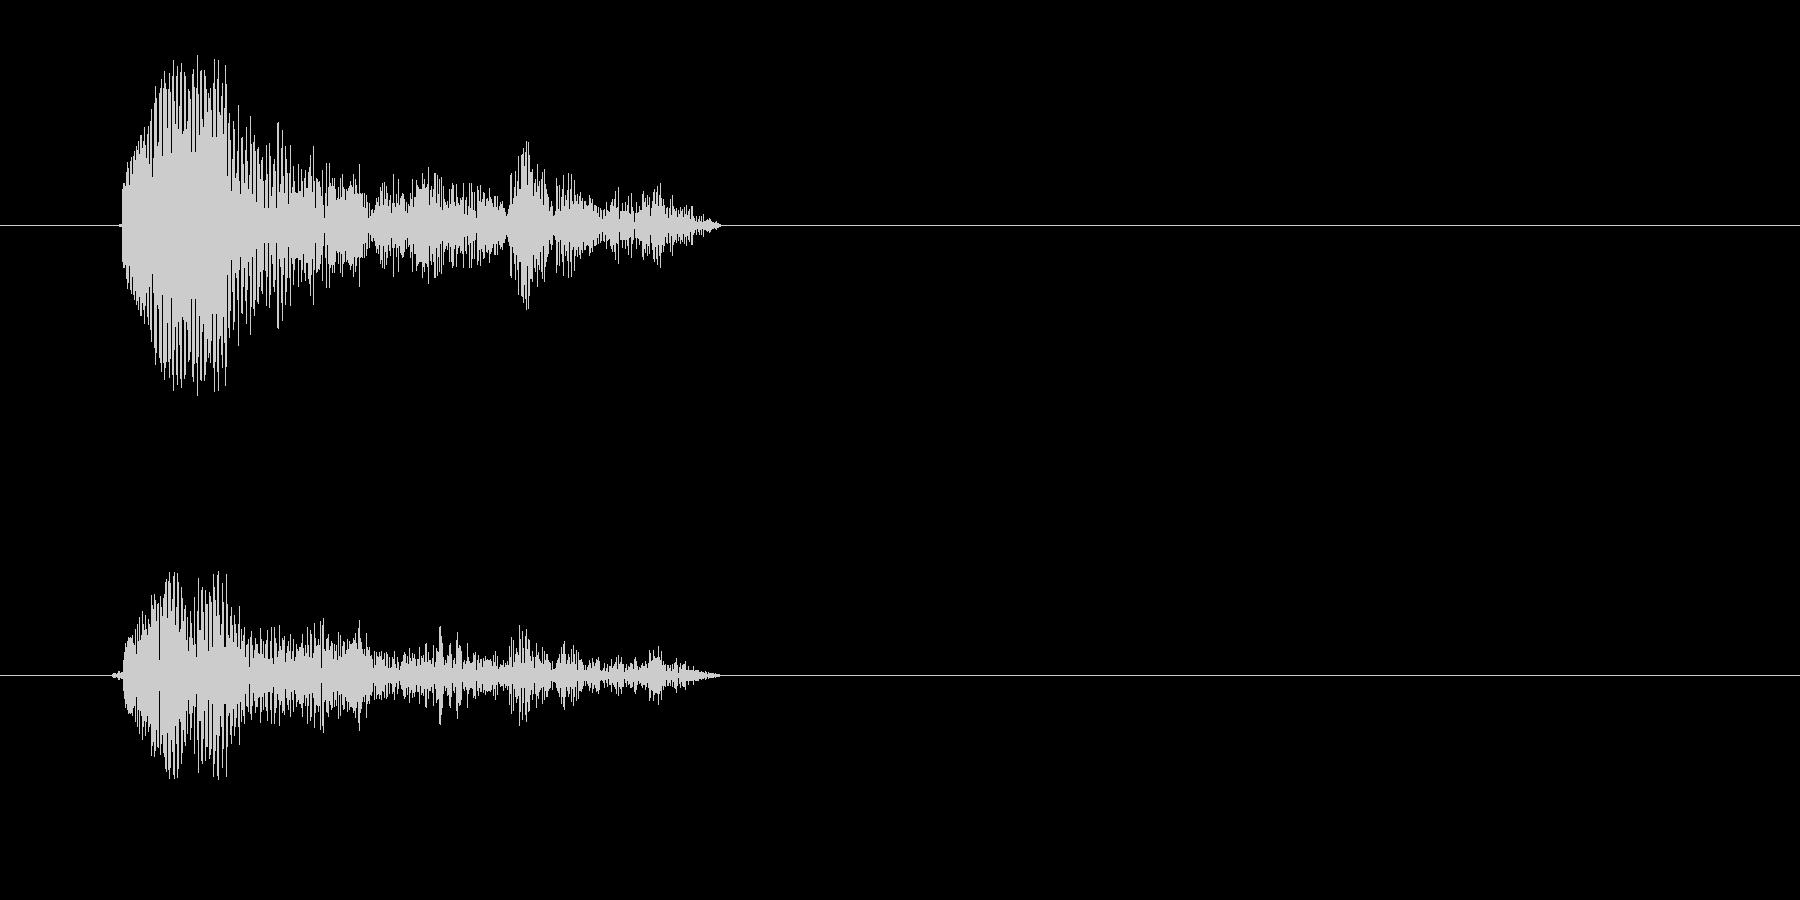 カッという短い効果音の未再生の波形